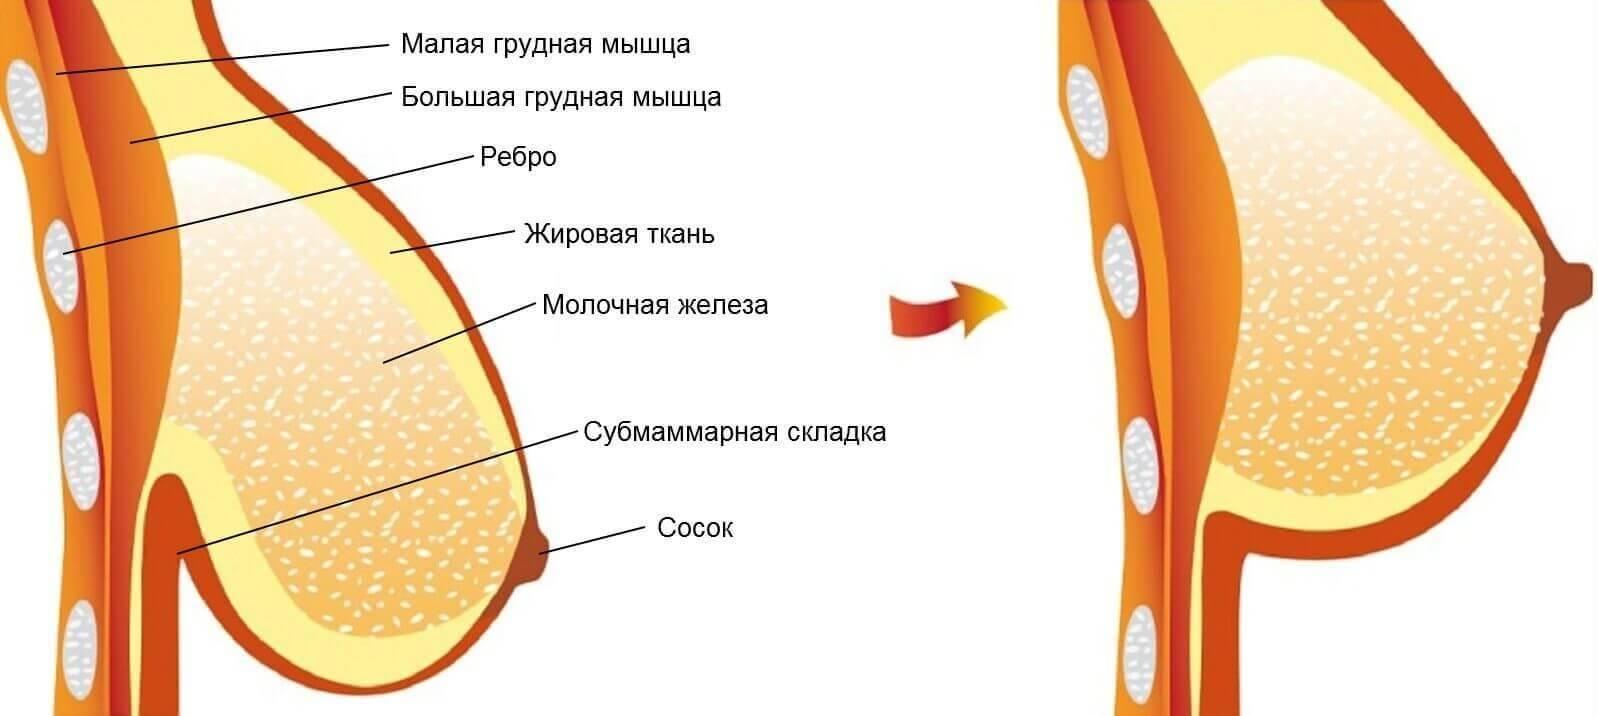 Ет сосков при беременности у женщин: какой он должен быть, нормально, если смена цвета не происходит на протяжении всего срока?